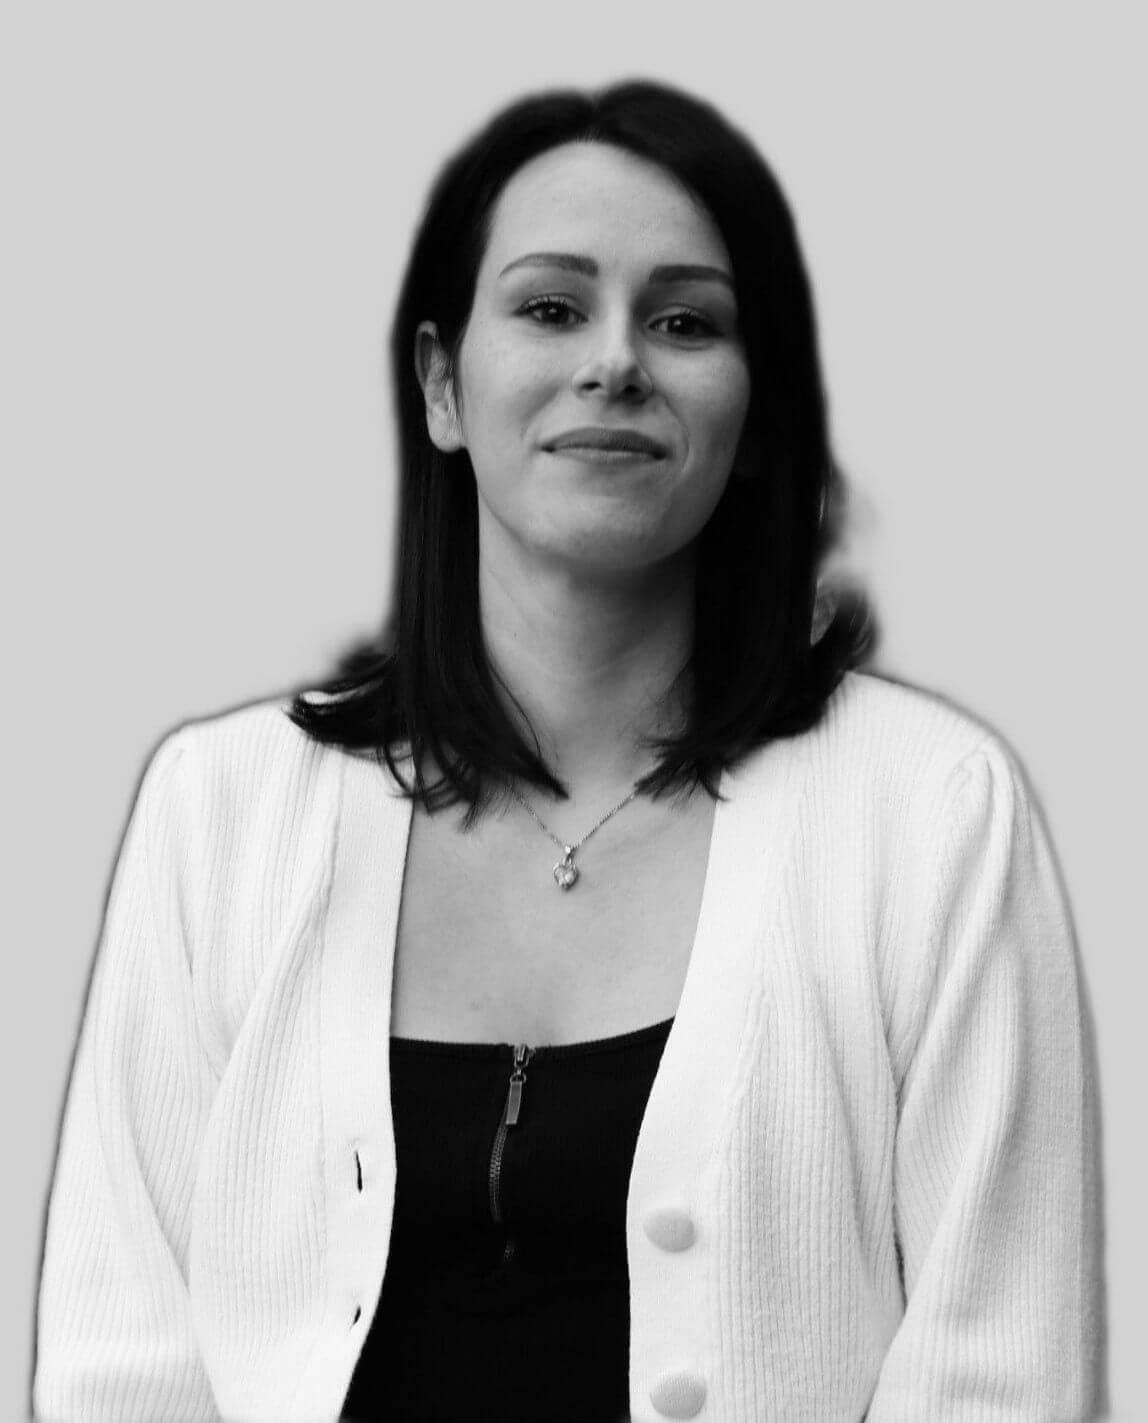 Maria Chiara Billi